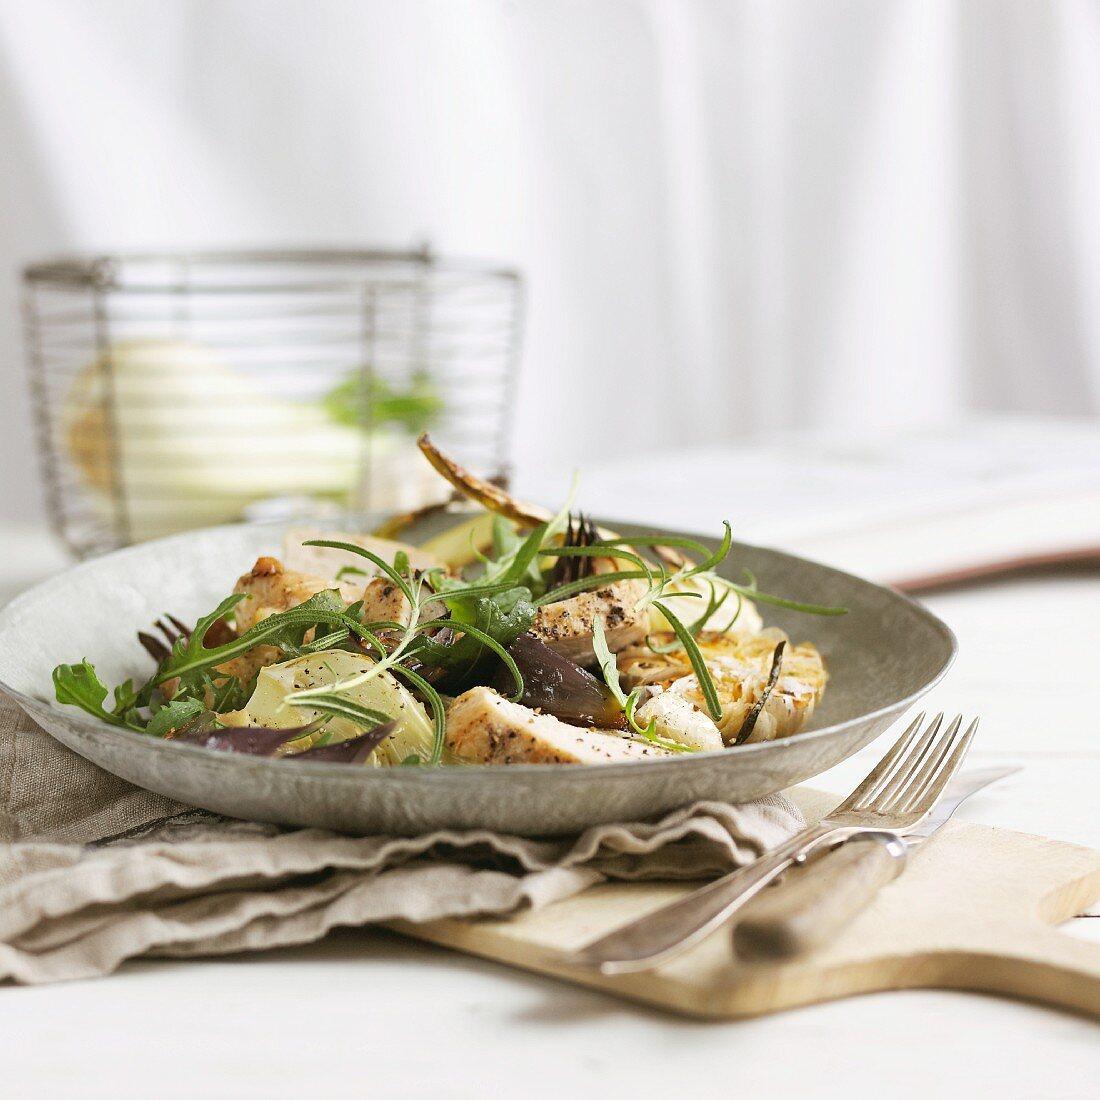 Pork tenderloin with garlic and fennel